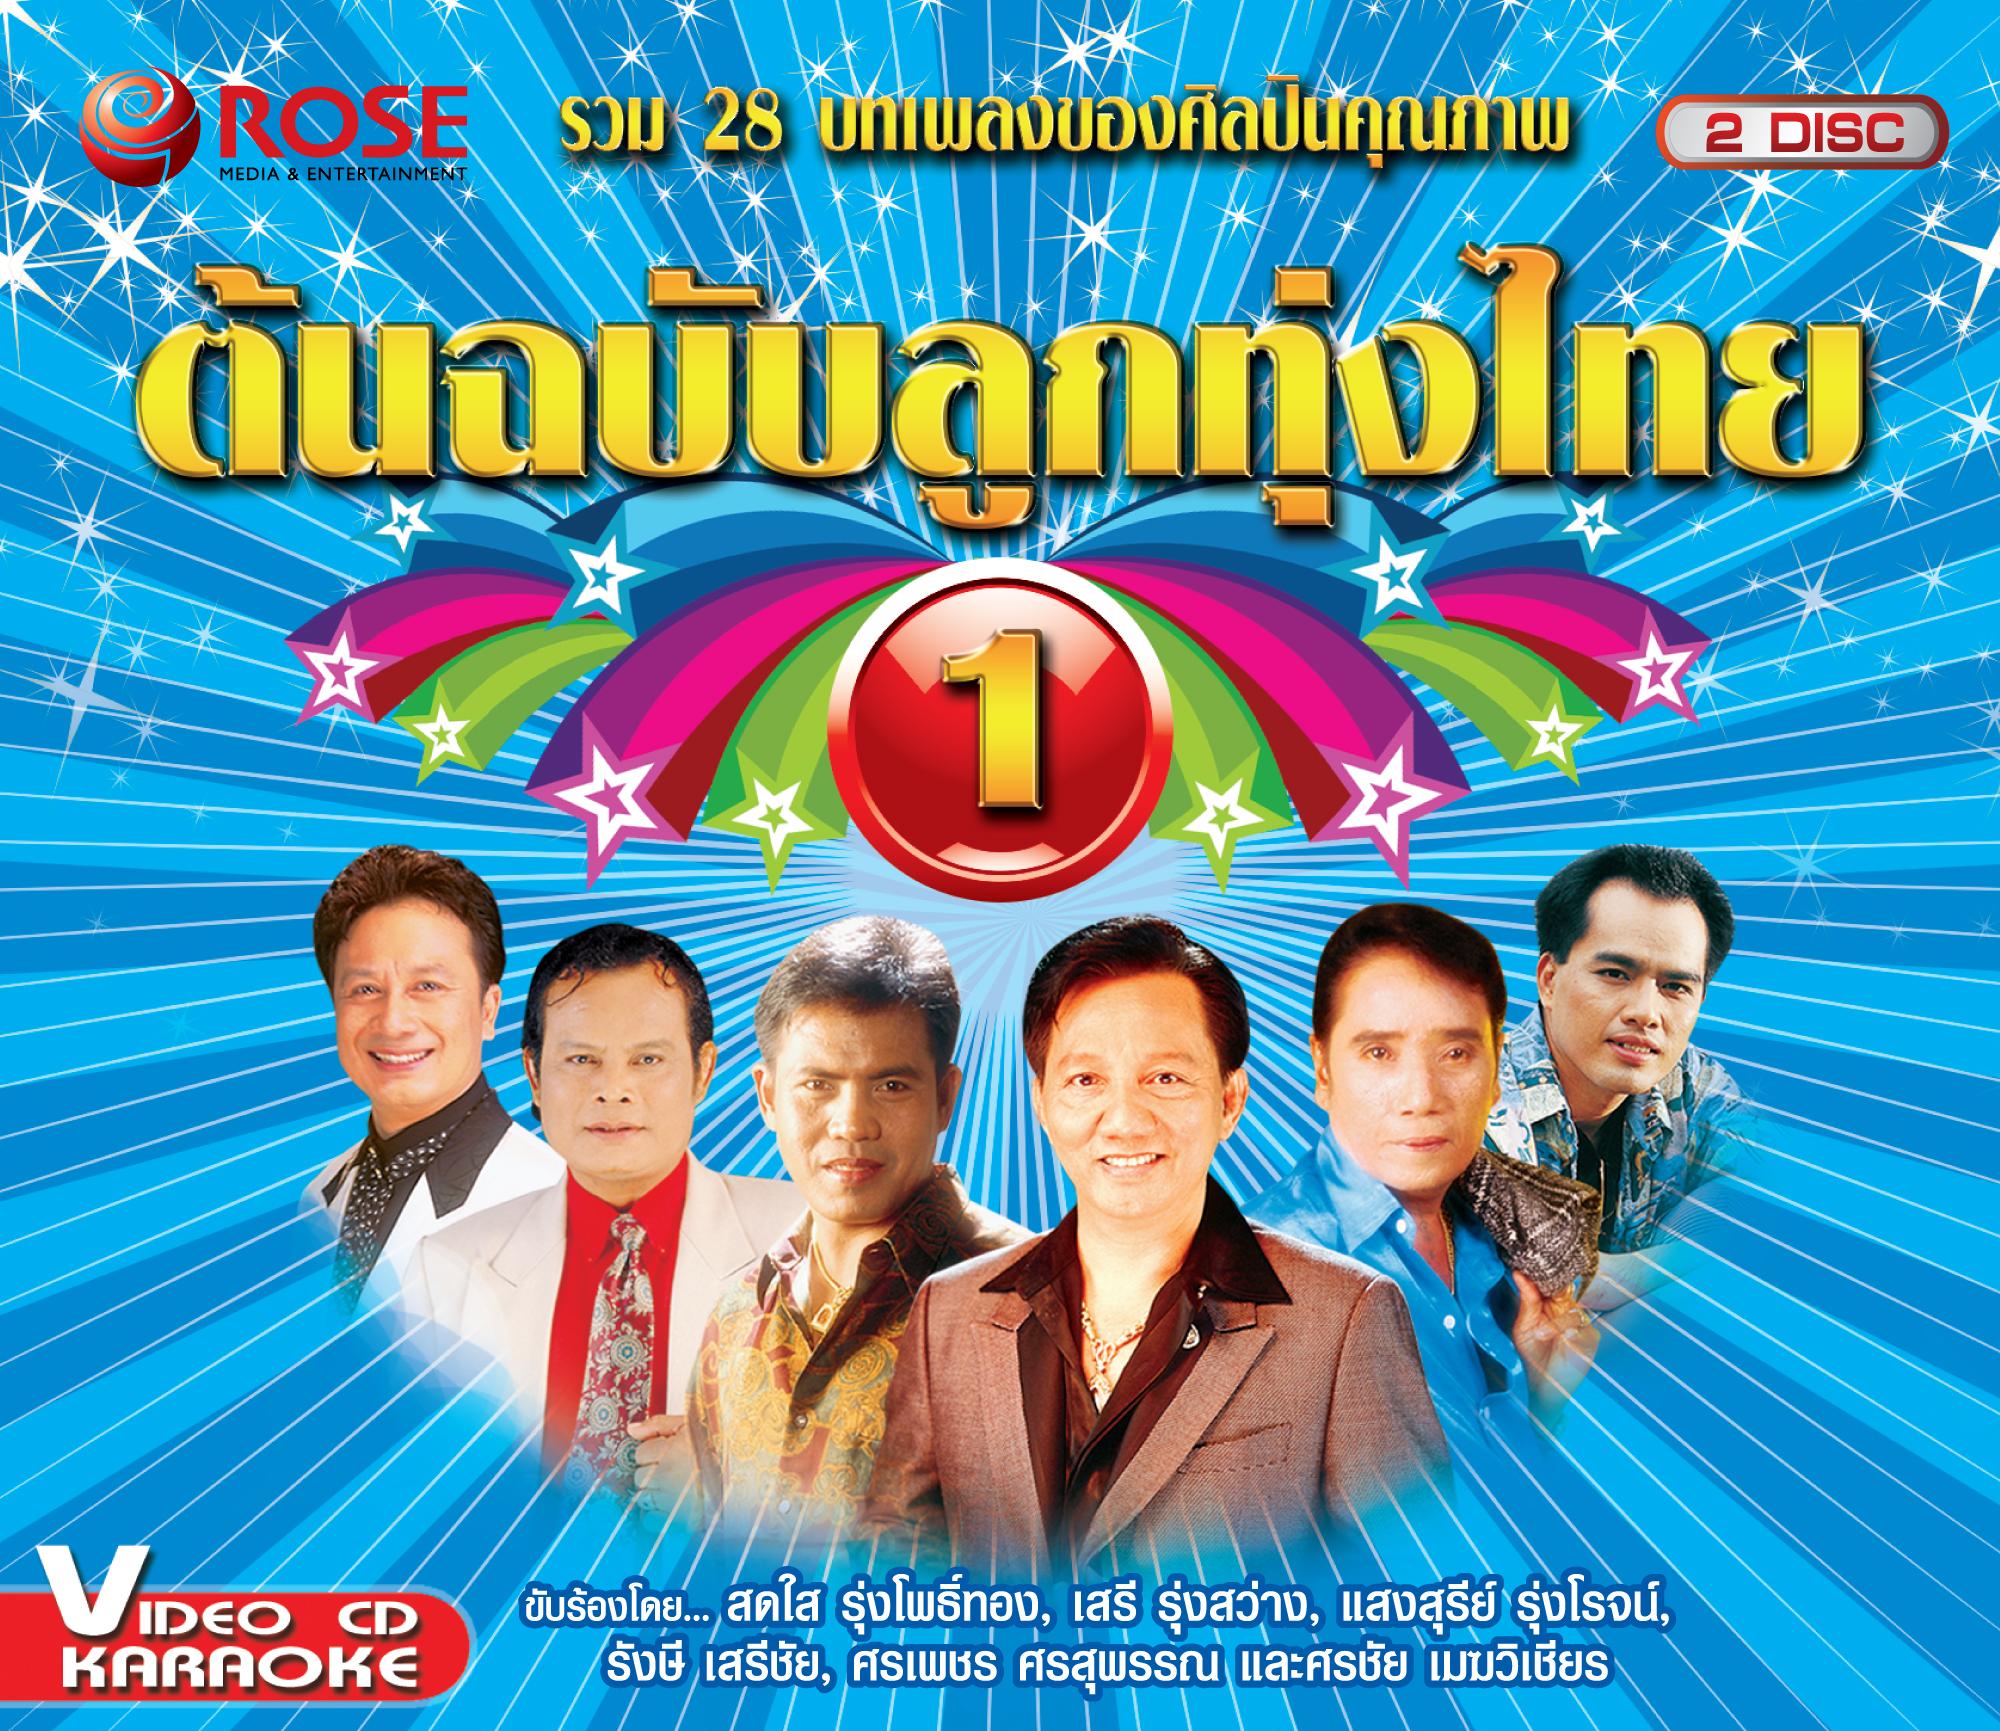 28 เพลง ต้นฉบับลูกทุ่งไทย 1 (ศรชัย ศรเพชร สดใส เสรี แสงสุรีย์ รังสี)